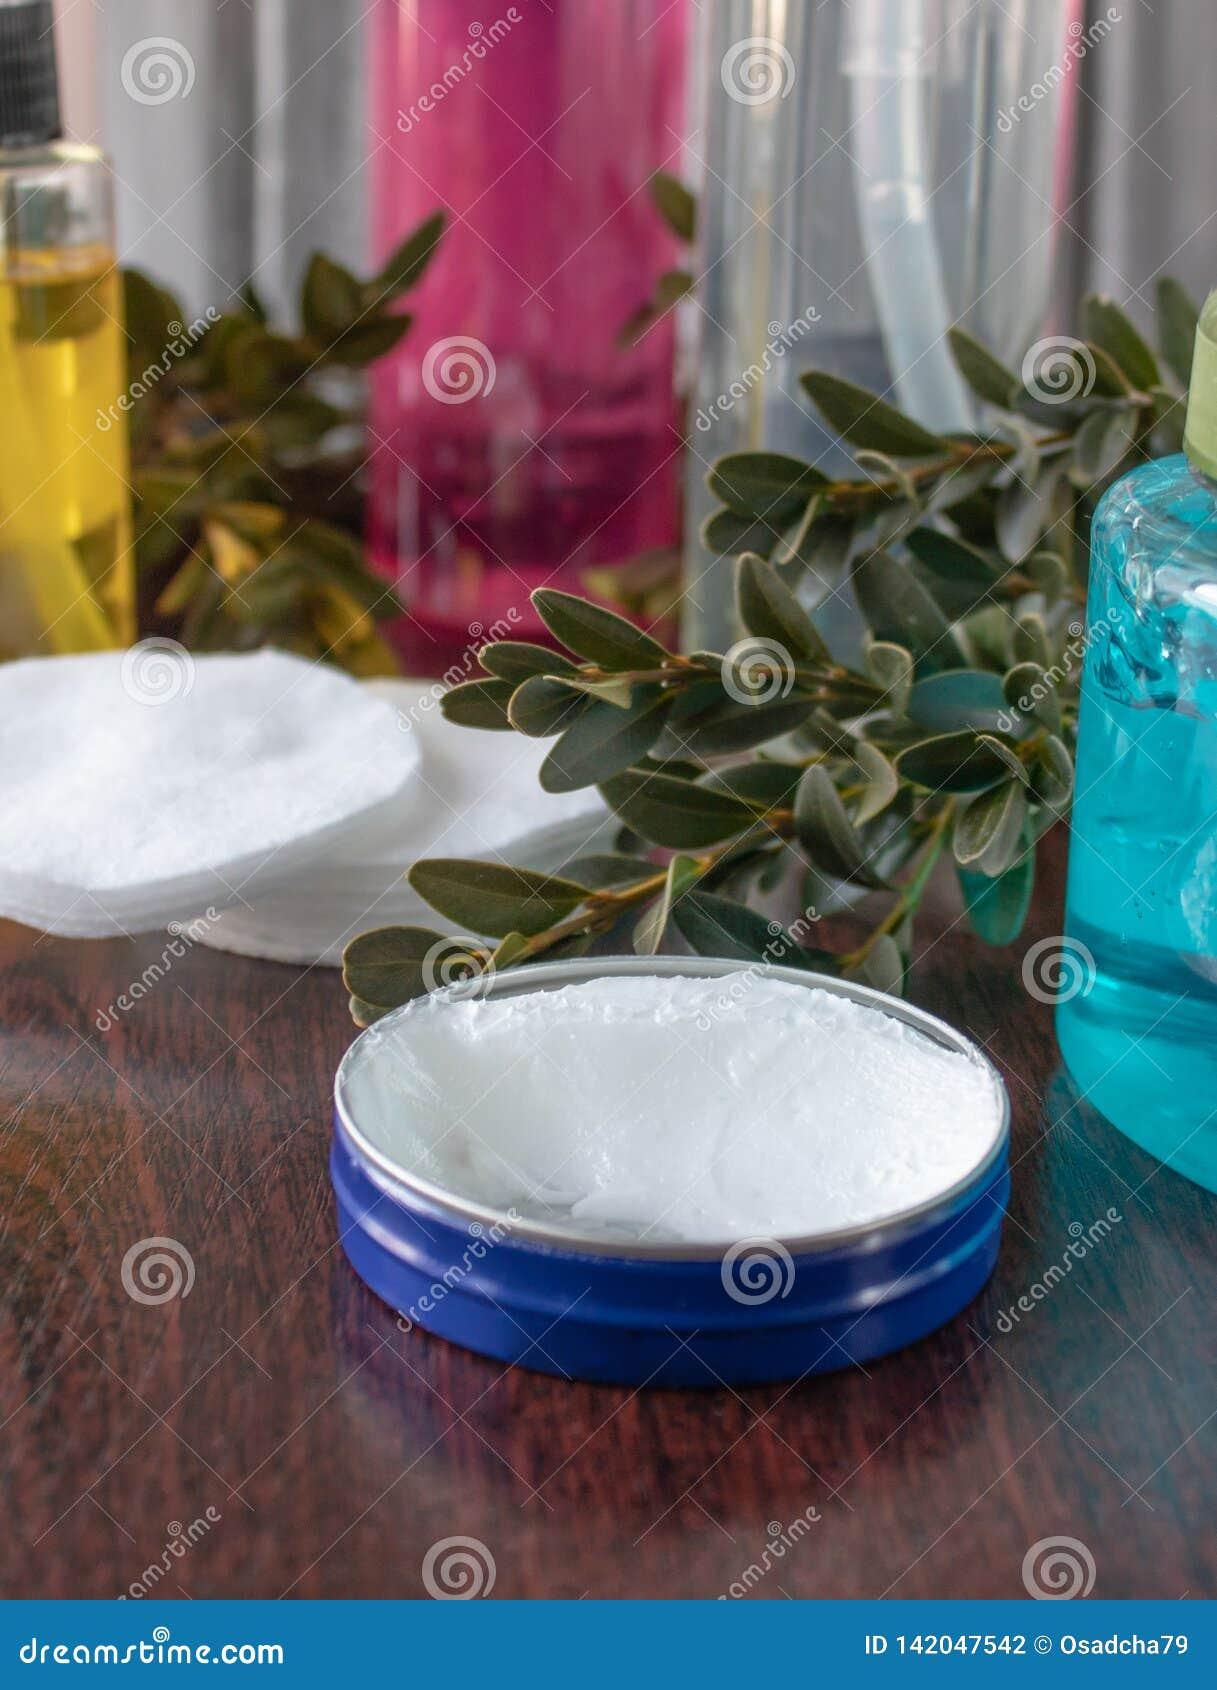 Kosmetyczni akcesoria na ciemnym tle, biała śmietanka w błękitnym słoju